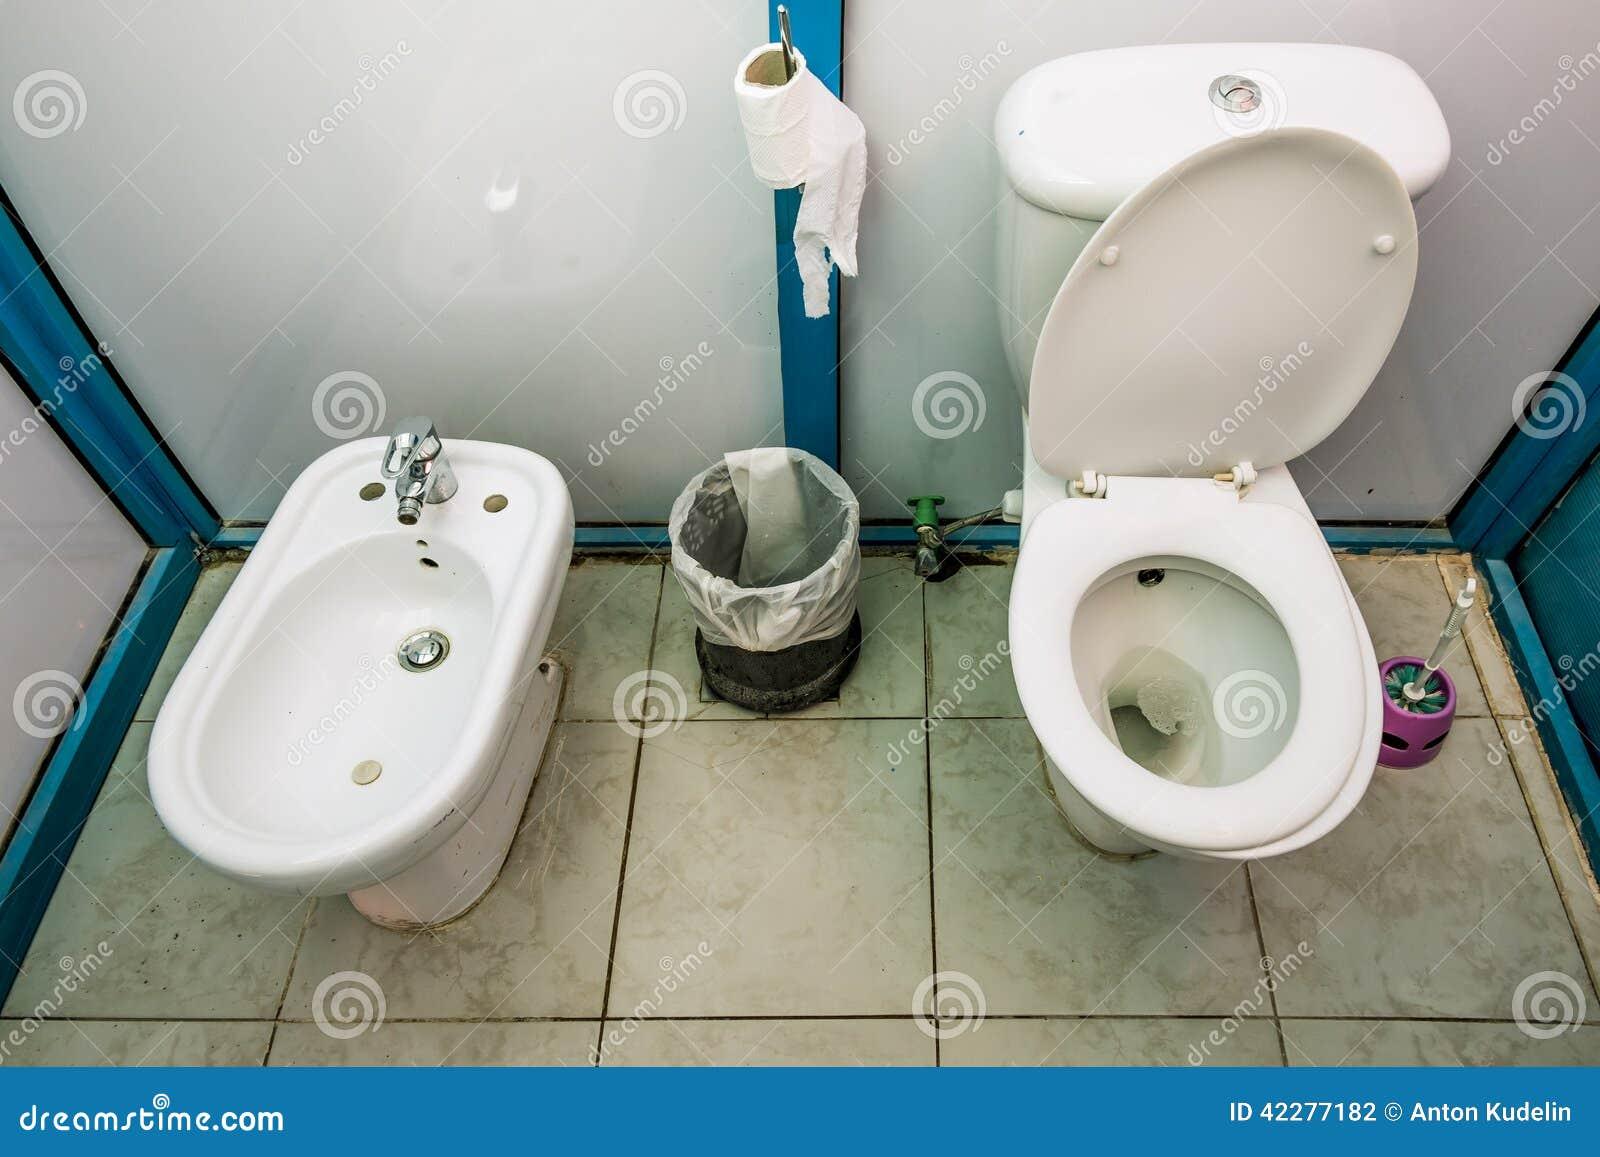 carlingues int rieures de toilette publique avec la carte de travail et le bidet photo stock. Black Bedroom Furniture Sets. Home Design Ideas